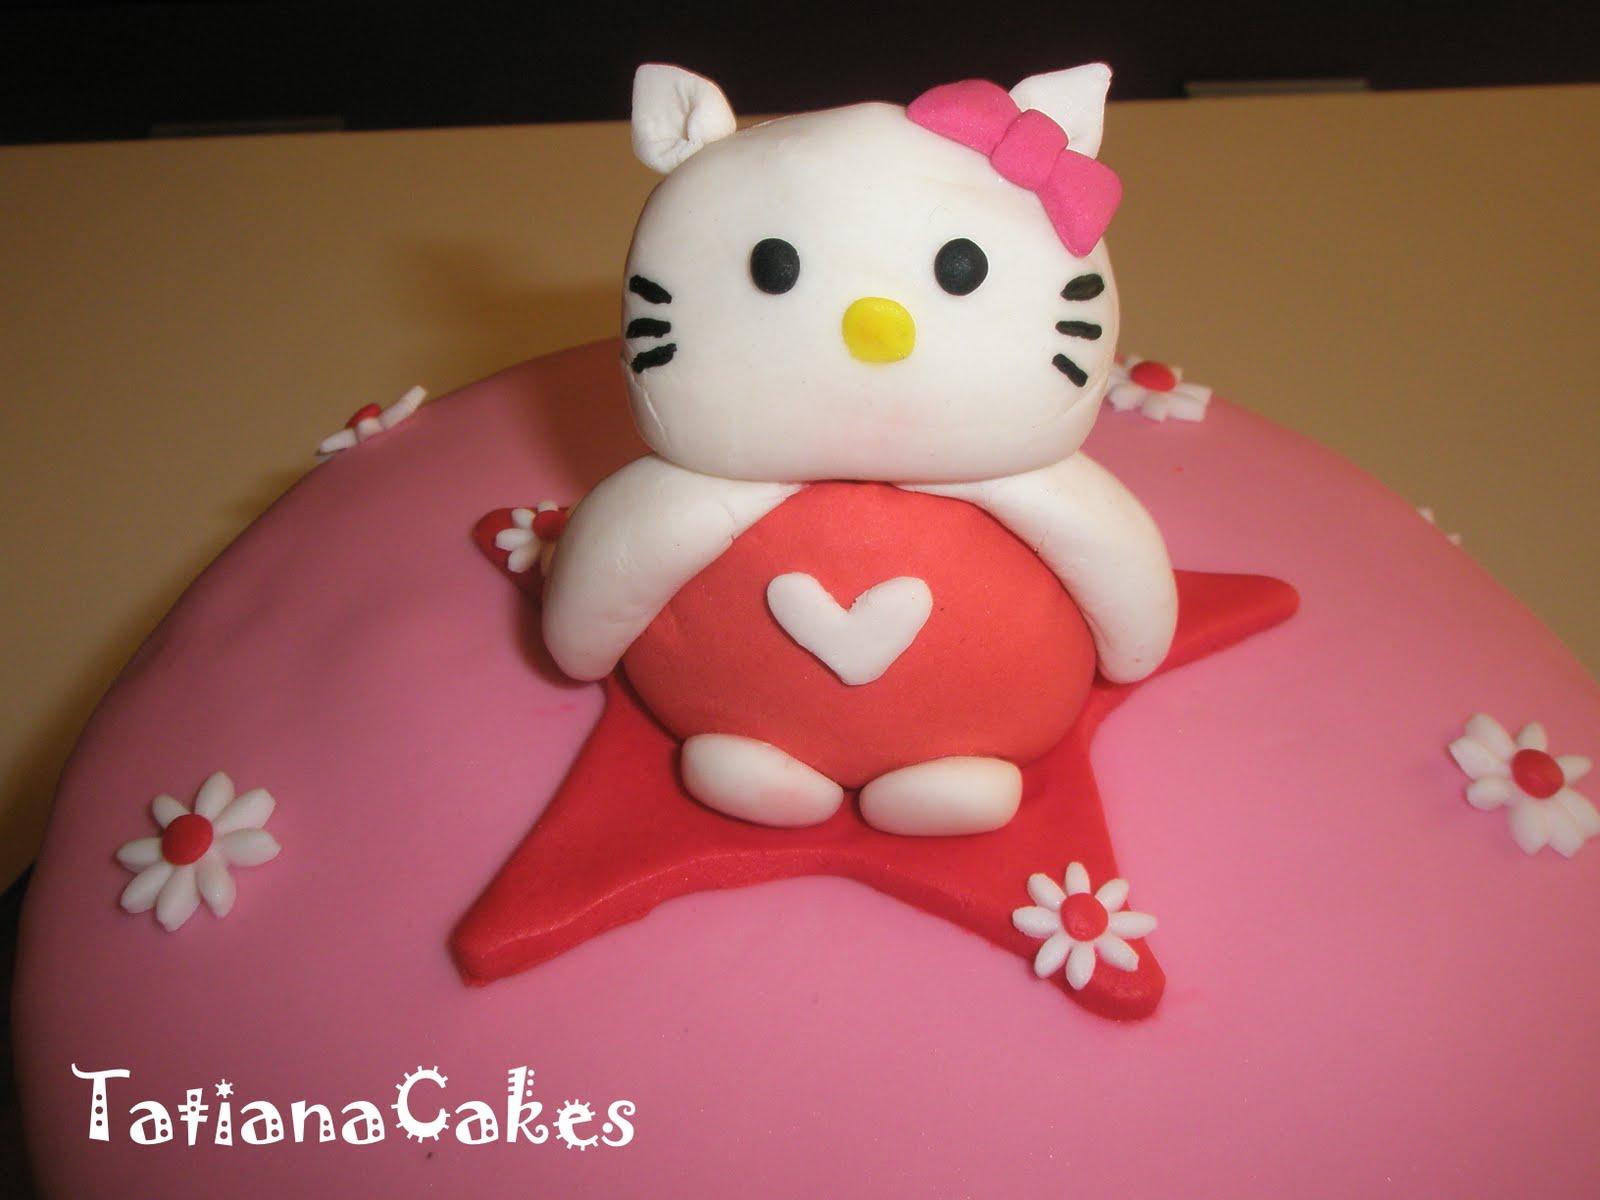 Tatiana Cakes